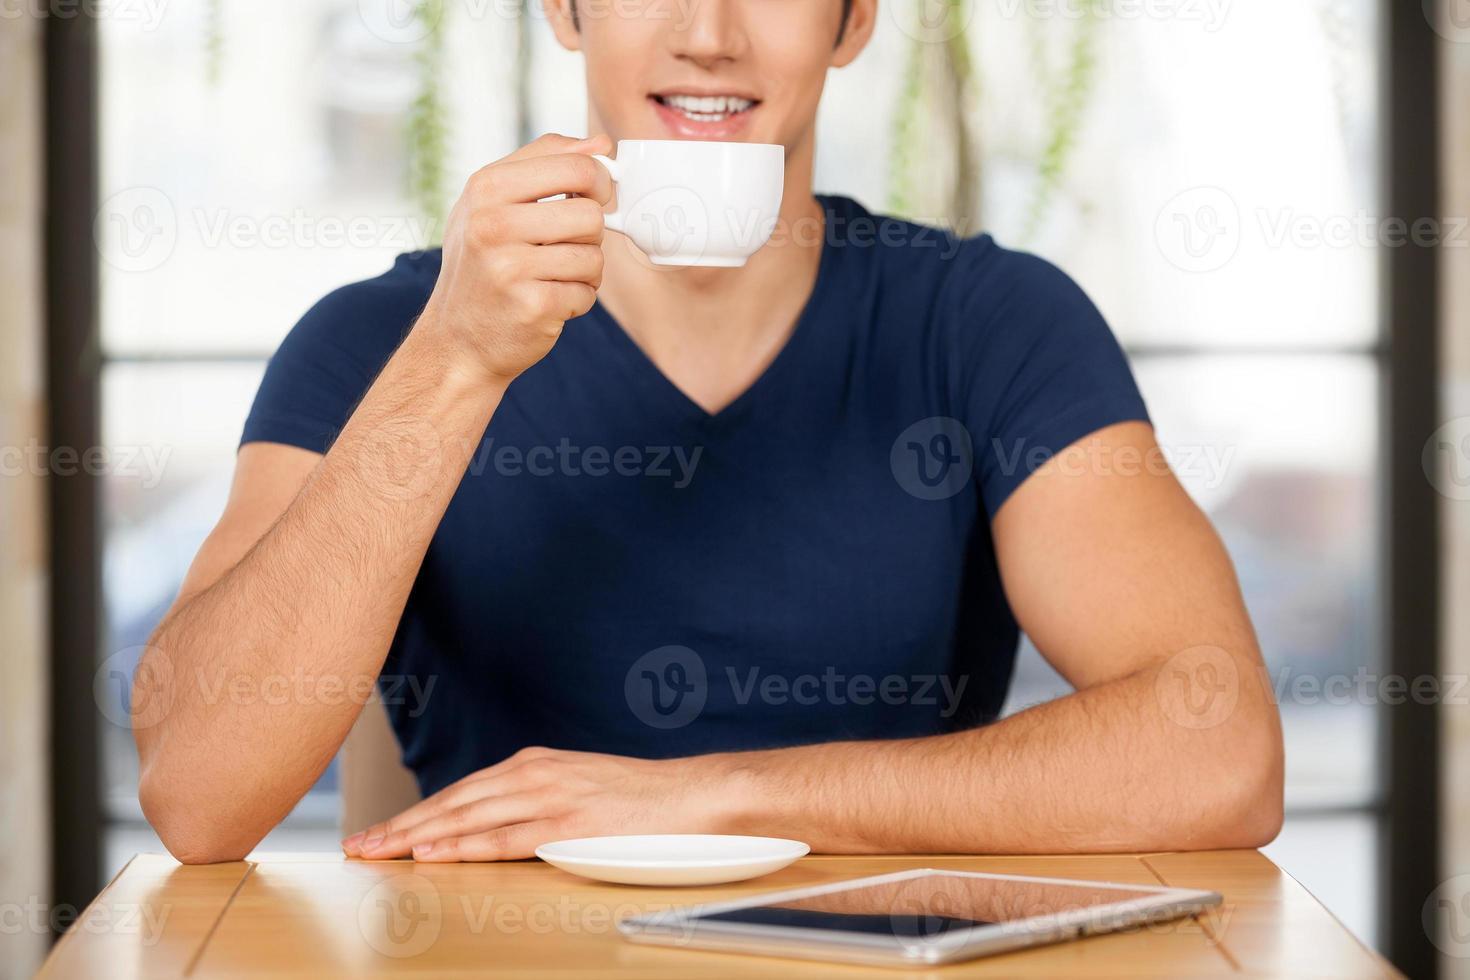 koffie drinken in restaurant. foto